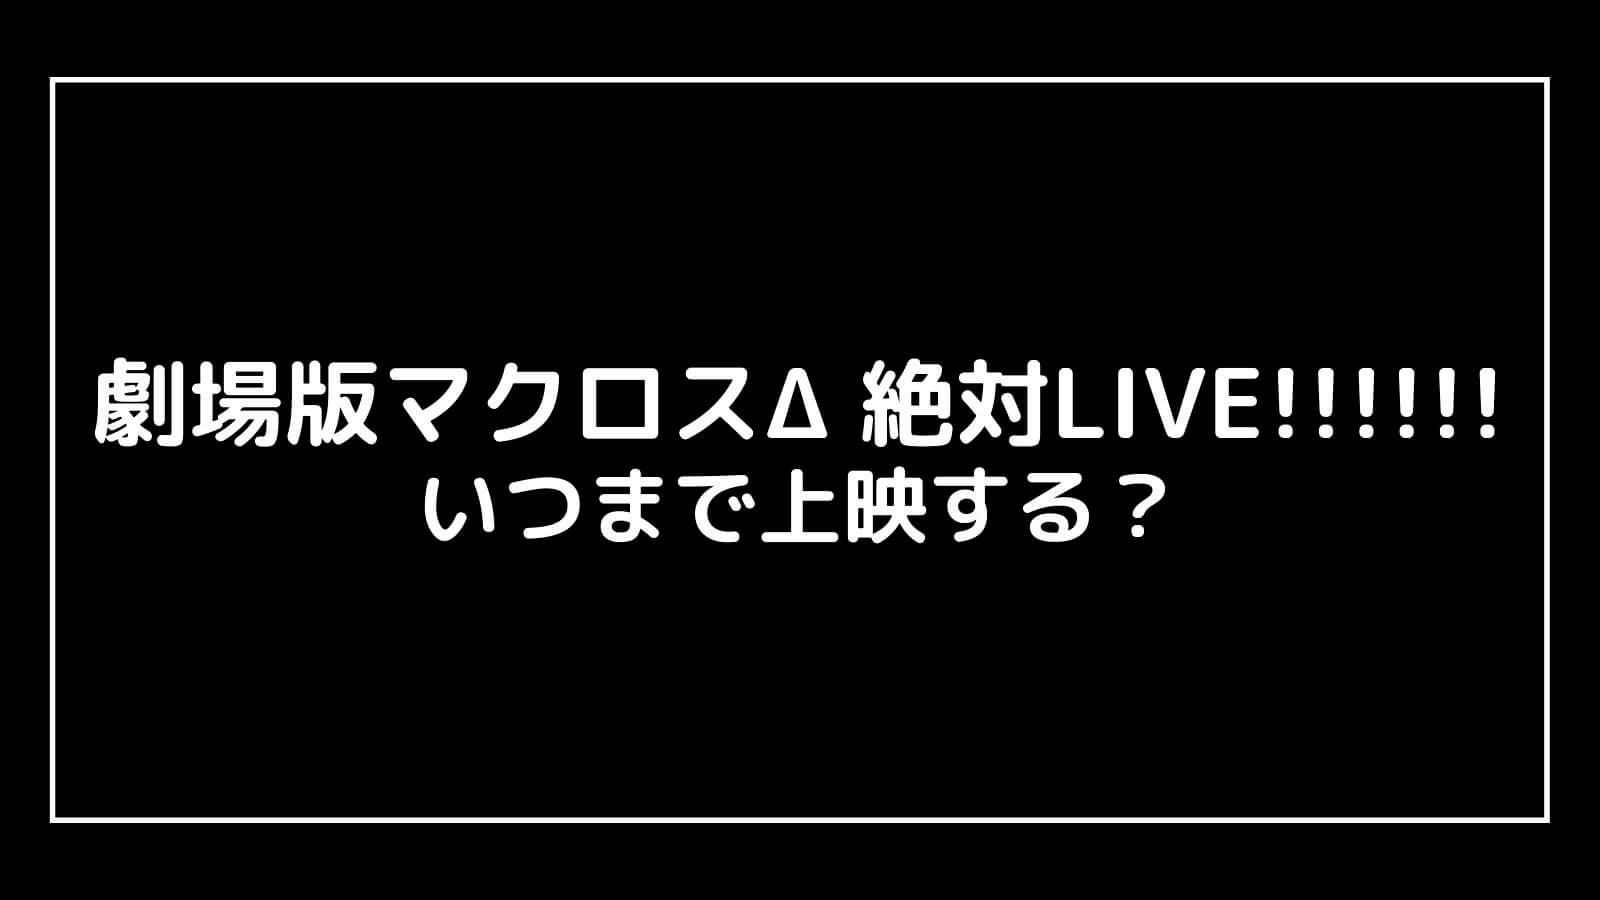 映画『マクロスΔ 絶対LIVE!!!!!!』はいつまで上映するのか元映画館社員が予想!